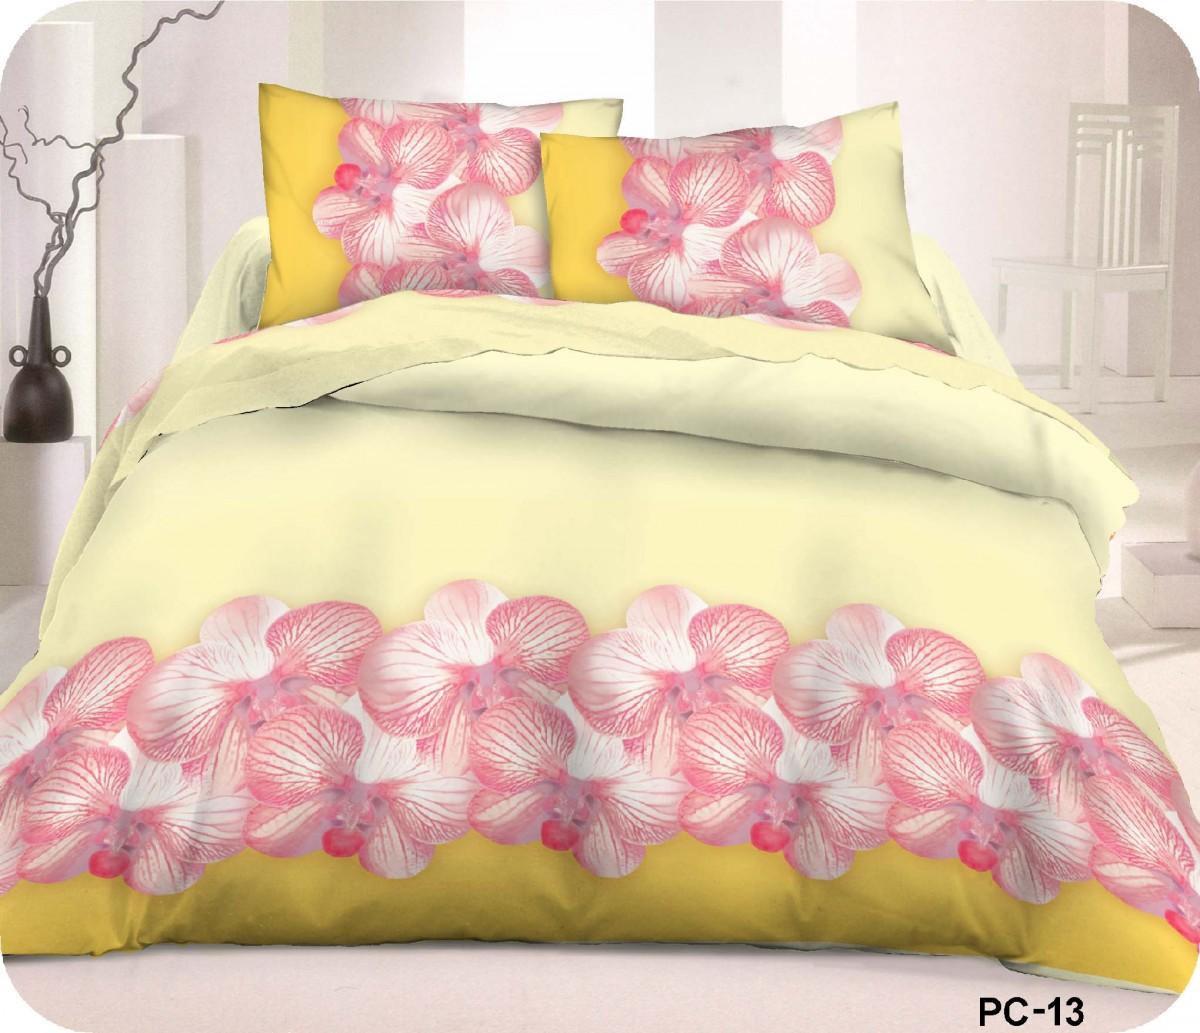 Постельное белье Valtery Постельное белье Sunflower  (2 сп. евро) постельное белье do n co постельное белье caprice 2 сп евро